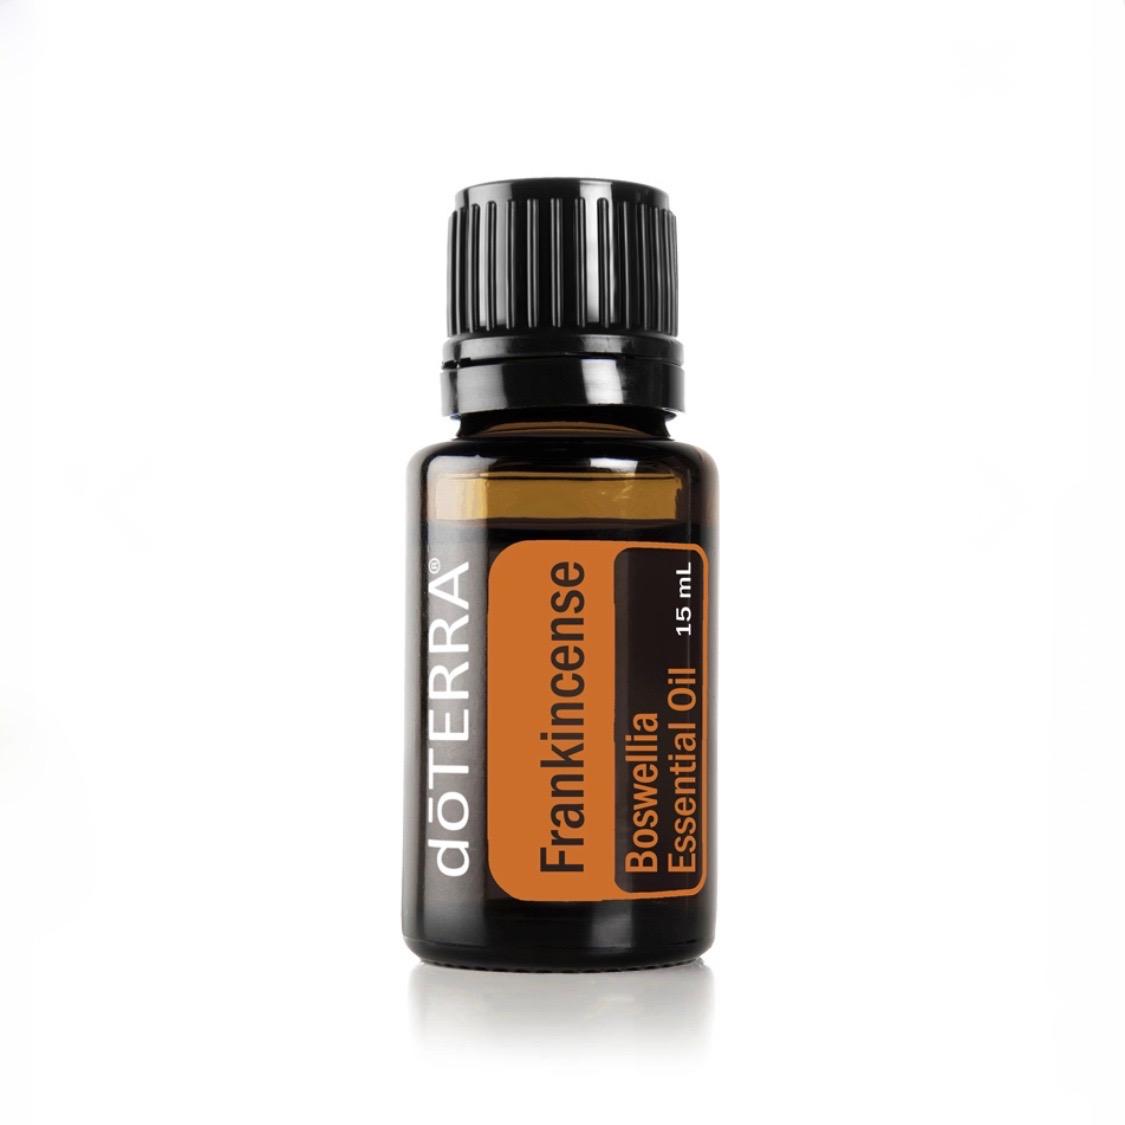 Frankincense - Antiinflammatorisk, cellförnyande och grundande.Främjar ett hälsosamt inflammatoriskt tillstånd i kroppen samt främjar cellhälsa (hälsosam celltillväxt) - ta en droppe under tungan dagligen.Addera 1 droppe i din ansiktskräm/olja. Frankincense är en riktig skönhetsolja som minskar utseeendet på fina linjer, ärr, solfläckar och bristningar.Inhalera från flaskan för att ge lugnande känslor.Applicera under fötterna ihop med kokosolja för att grunda dig.Applicera på pulspunkter innan meditation, Frankincense förstärker din intuition.